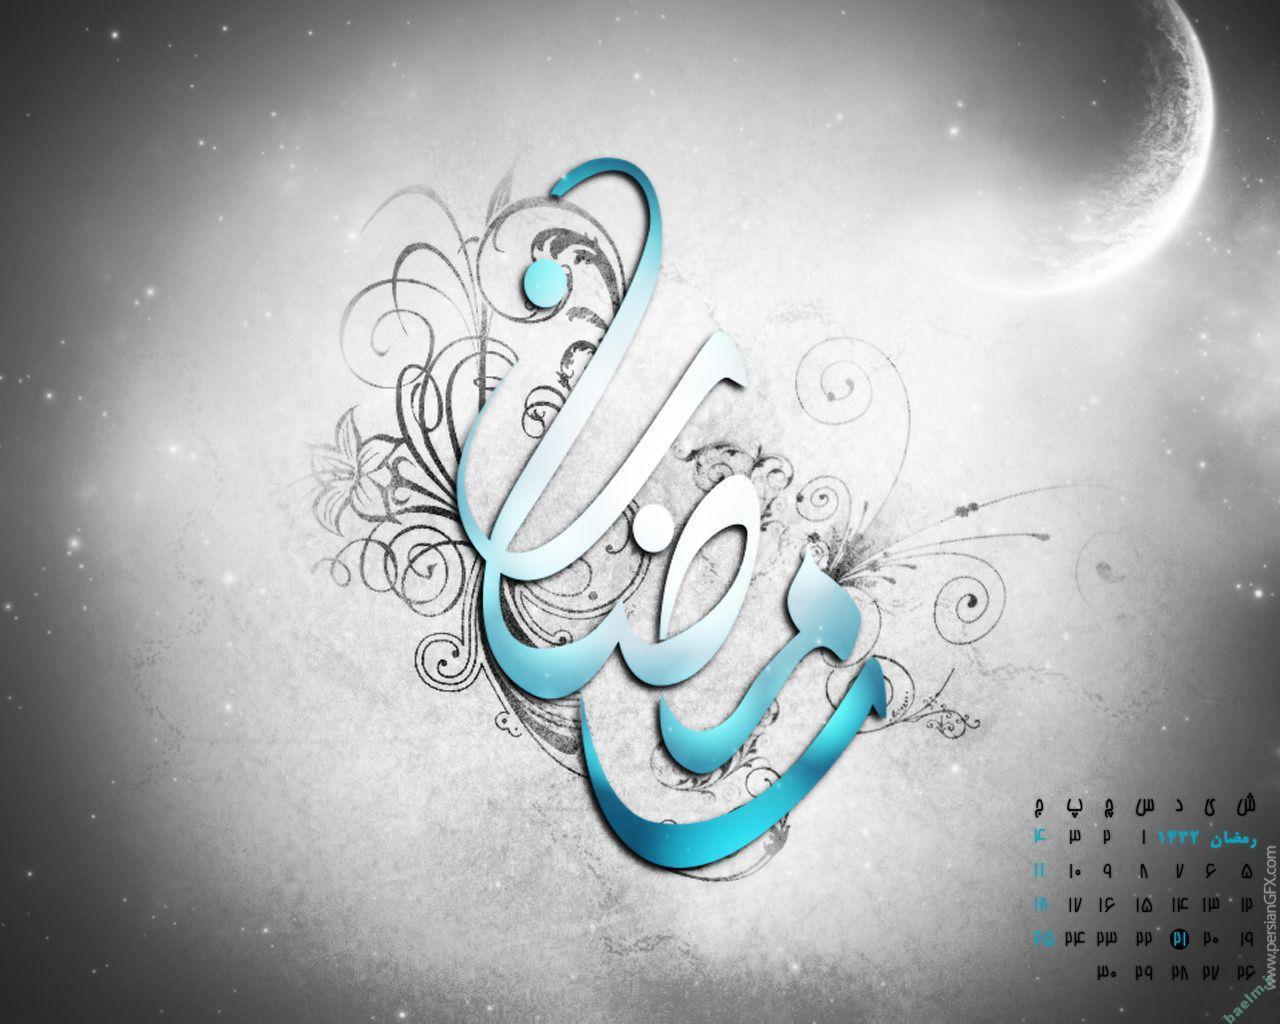 پيامك | اس ام اس هاي مخصوص ماه رمضان | سري جديد